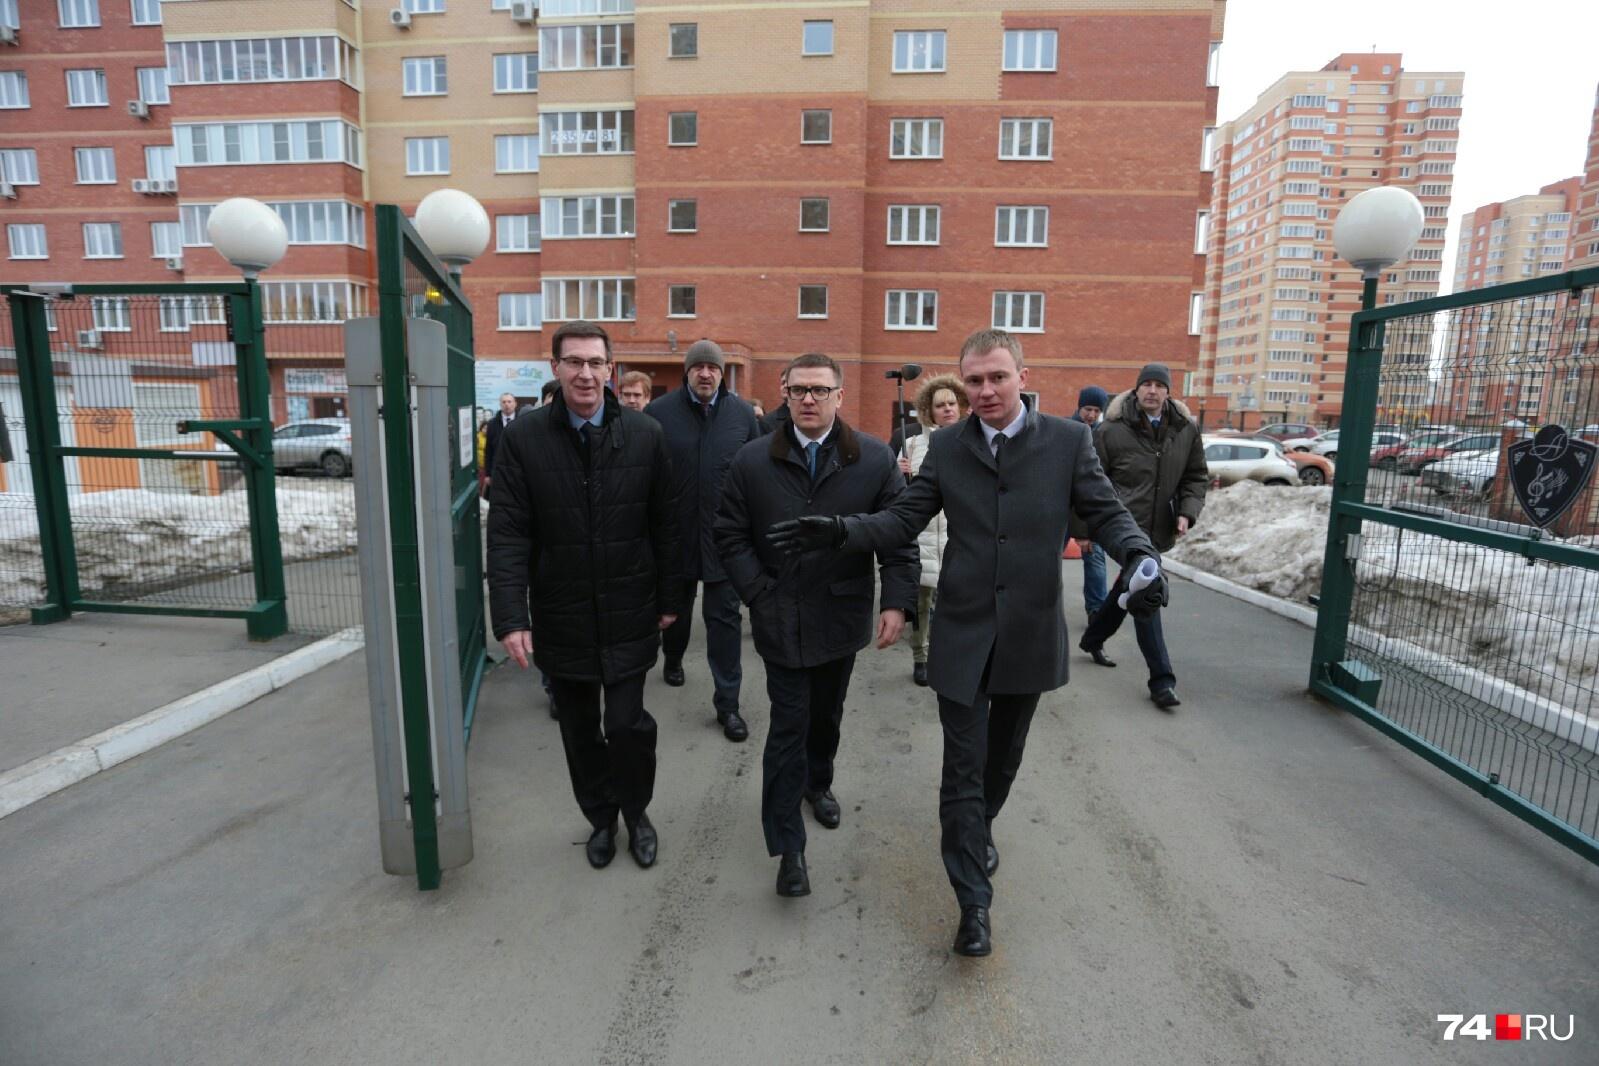 Финальной точкой визита чиновников стал ЖК «Александровский»